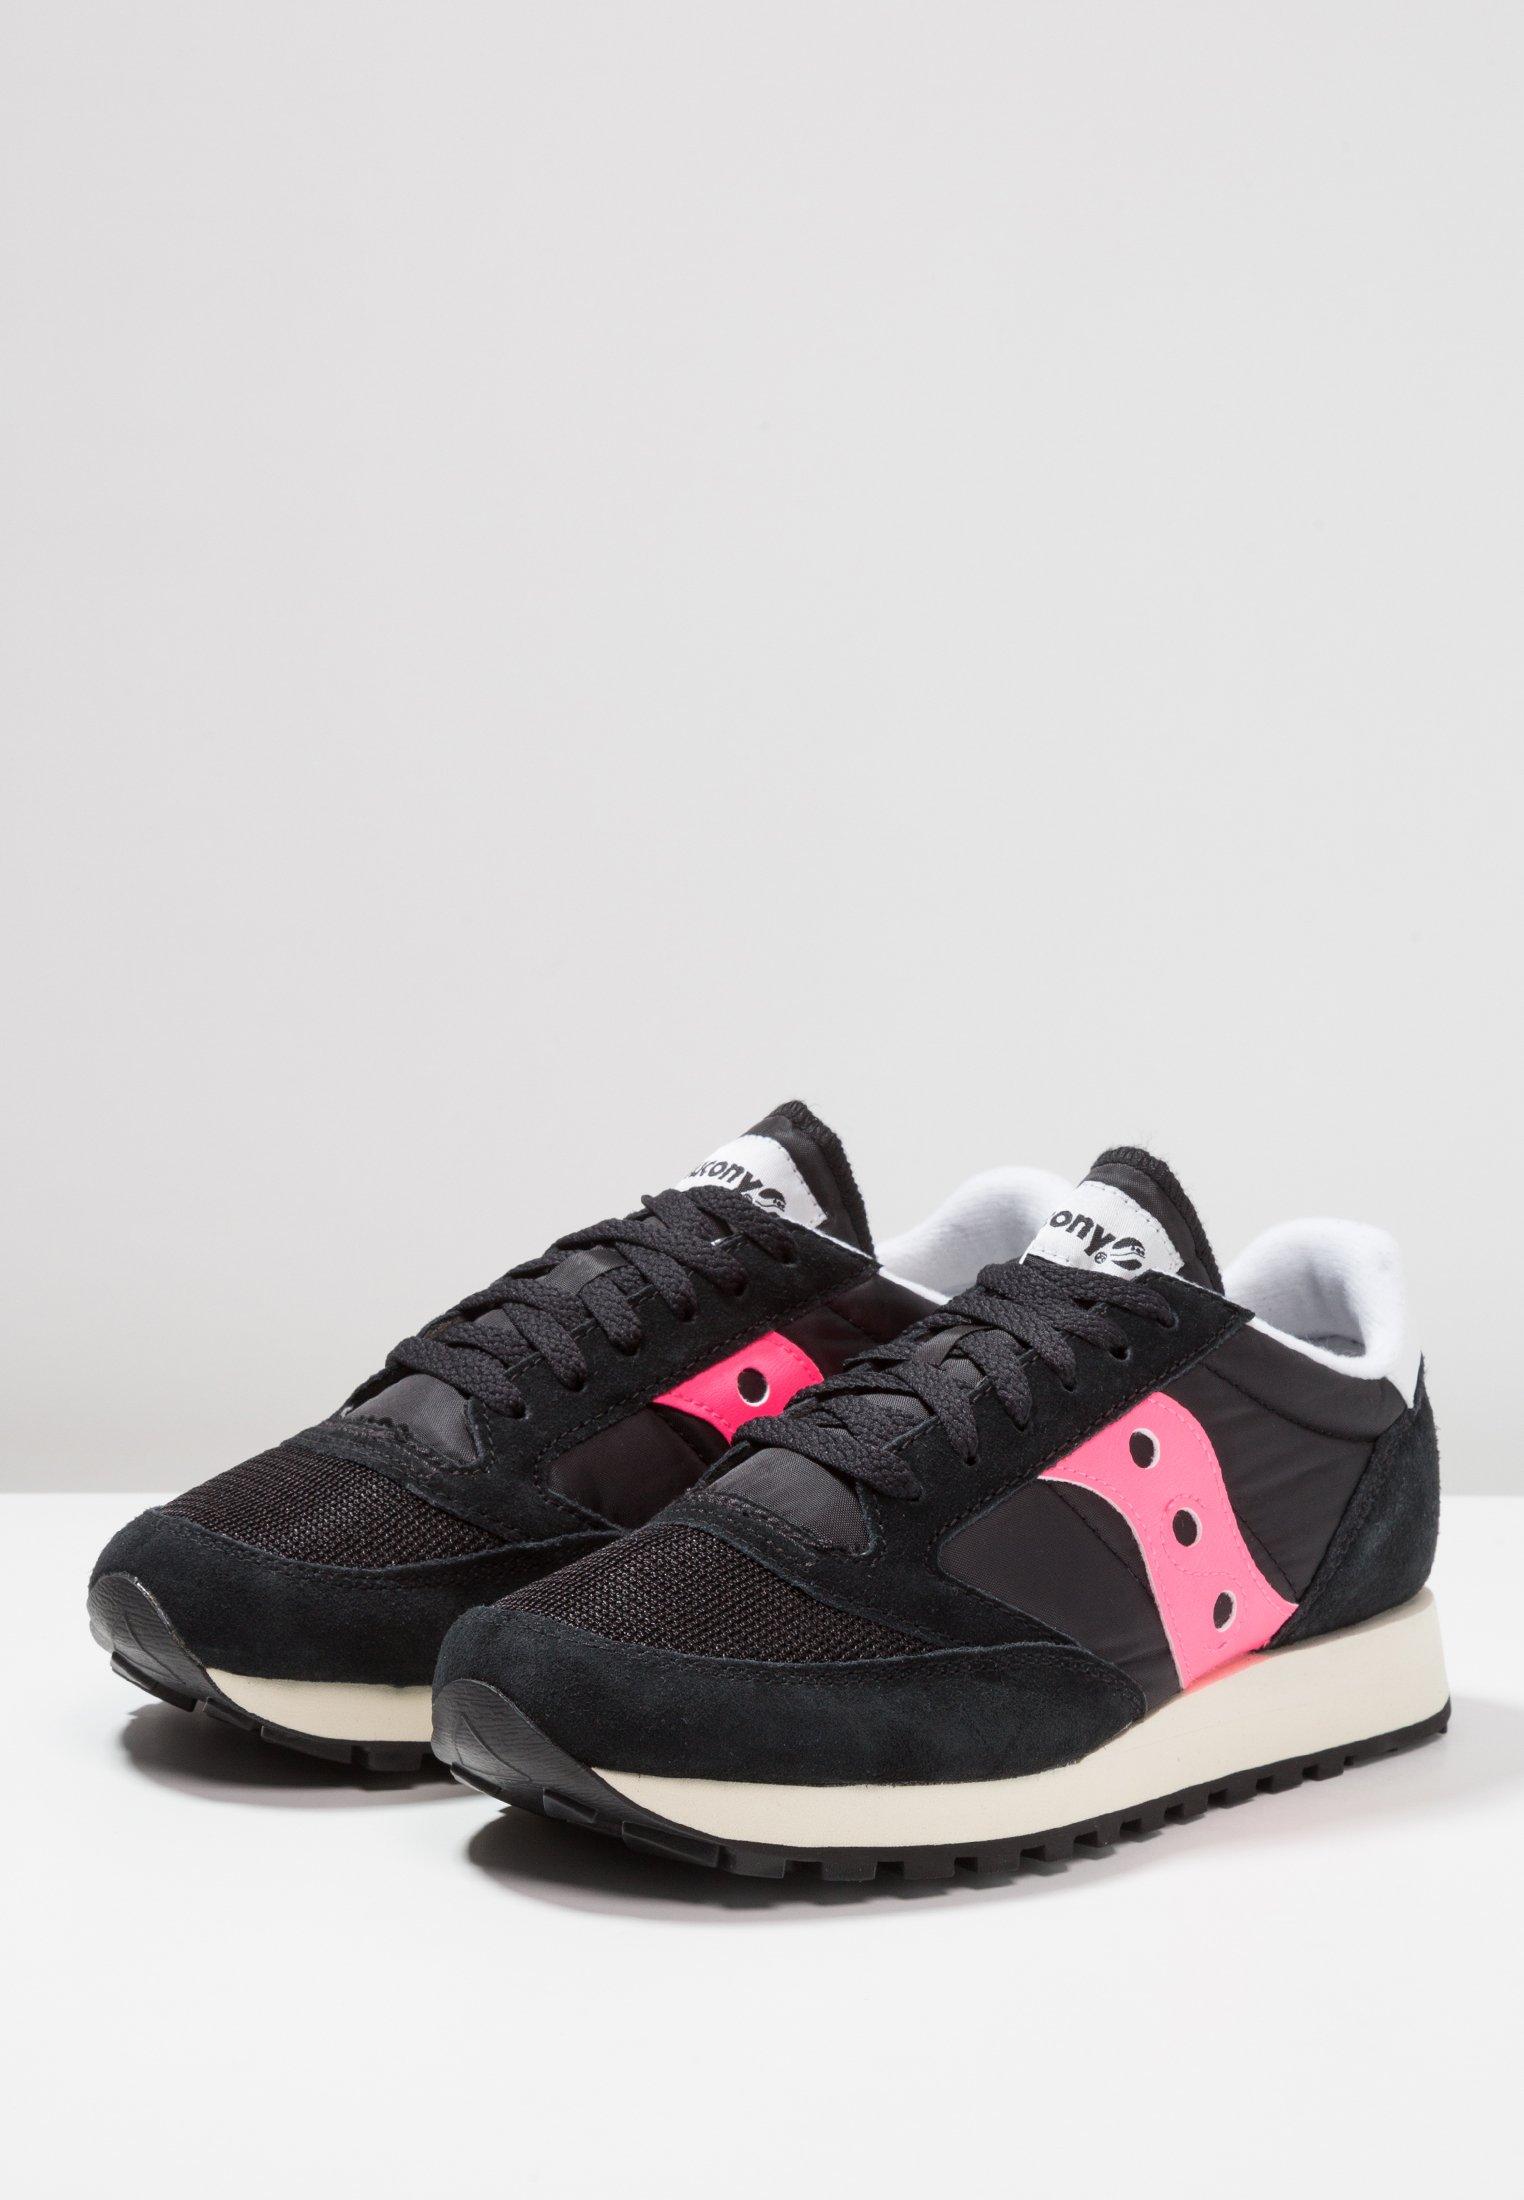 black ORIGINAL JAZZ basses Saucony pink VINTAGEBaskets 4jAL53R